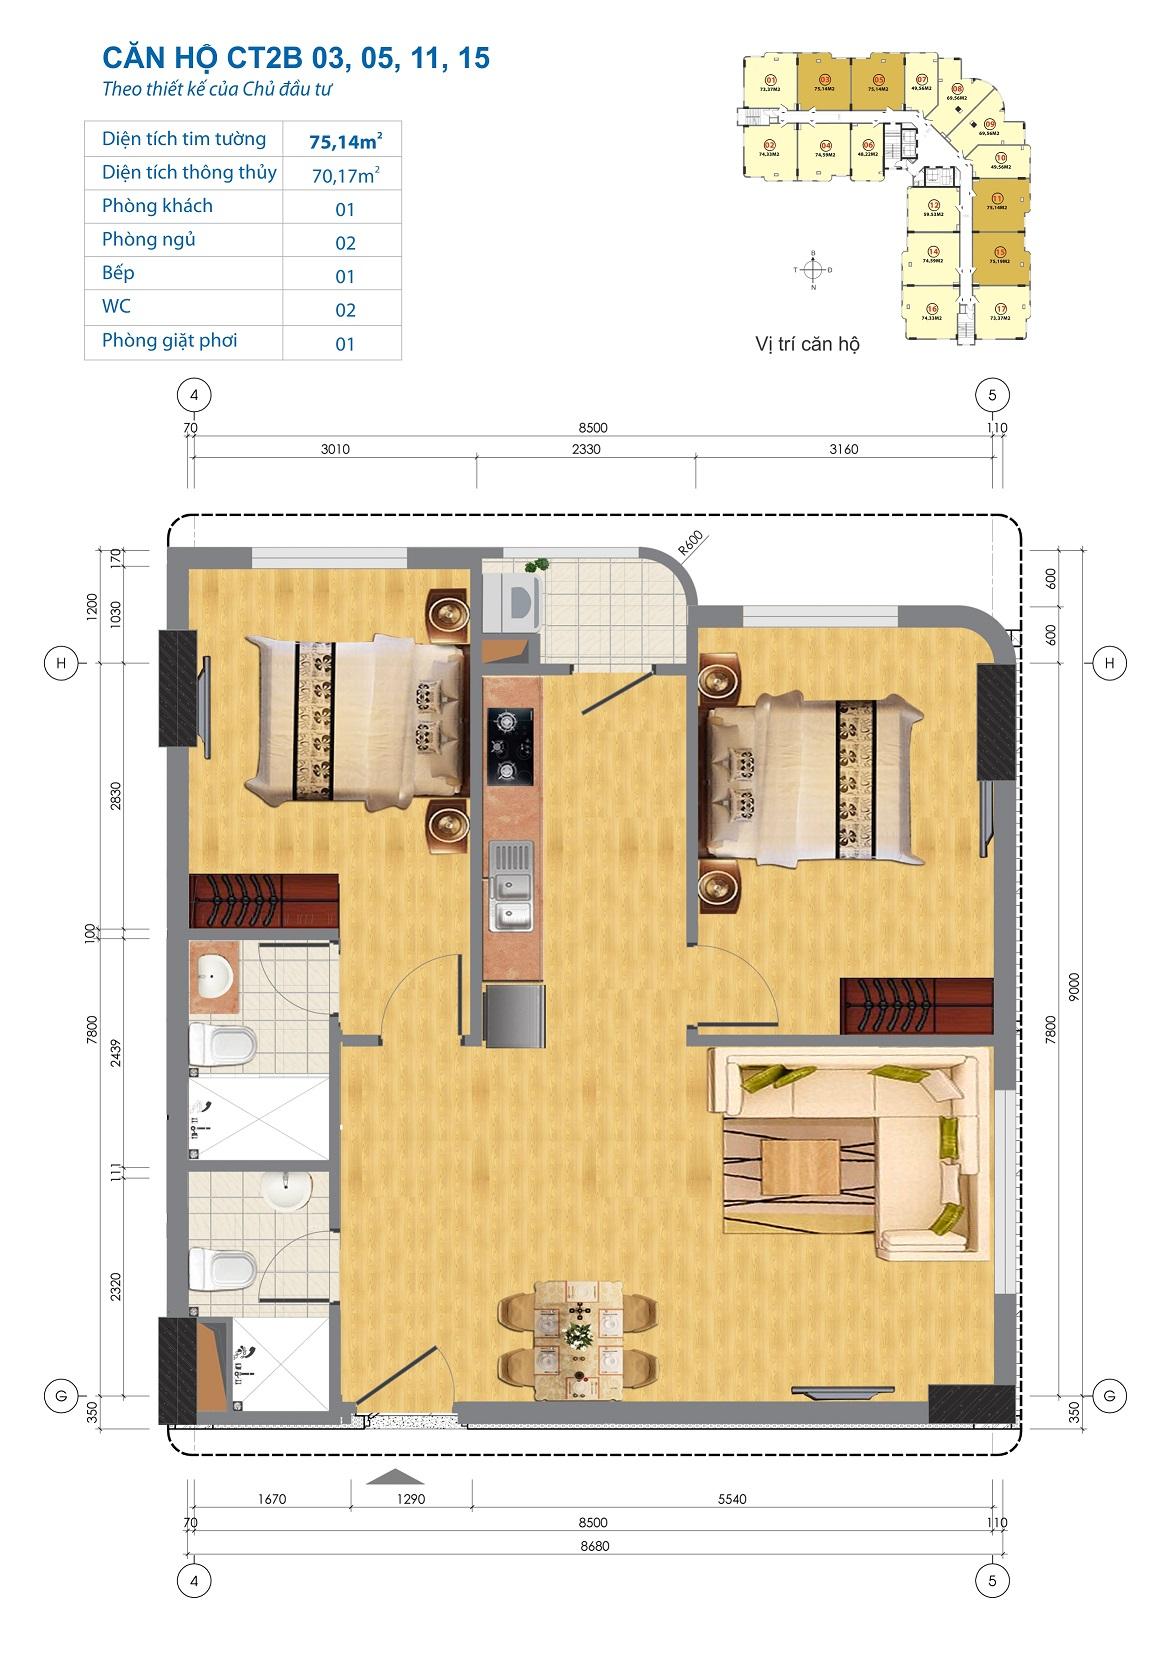 Thiết kế căn hộ CT2B 03, 05, 11, 15 Chung cư CT2B Ngĩa Đô